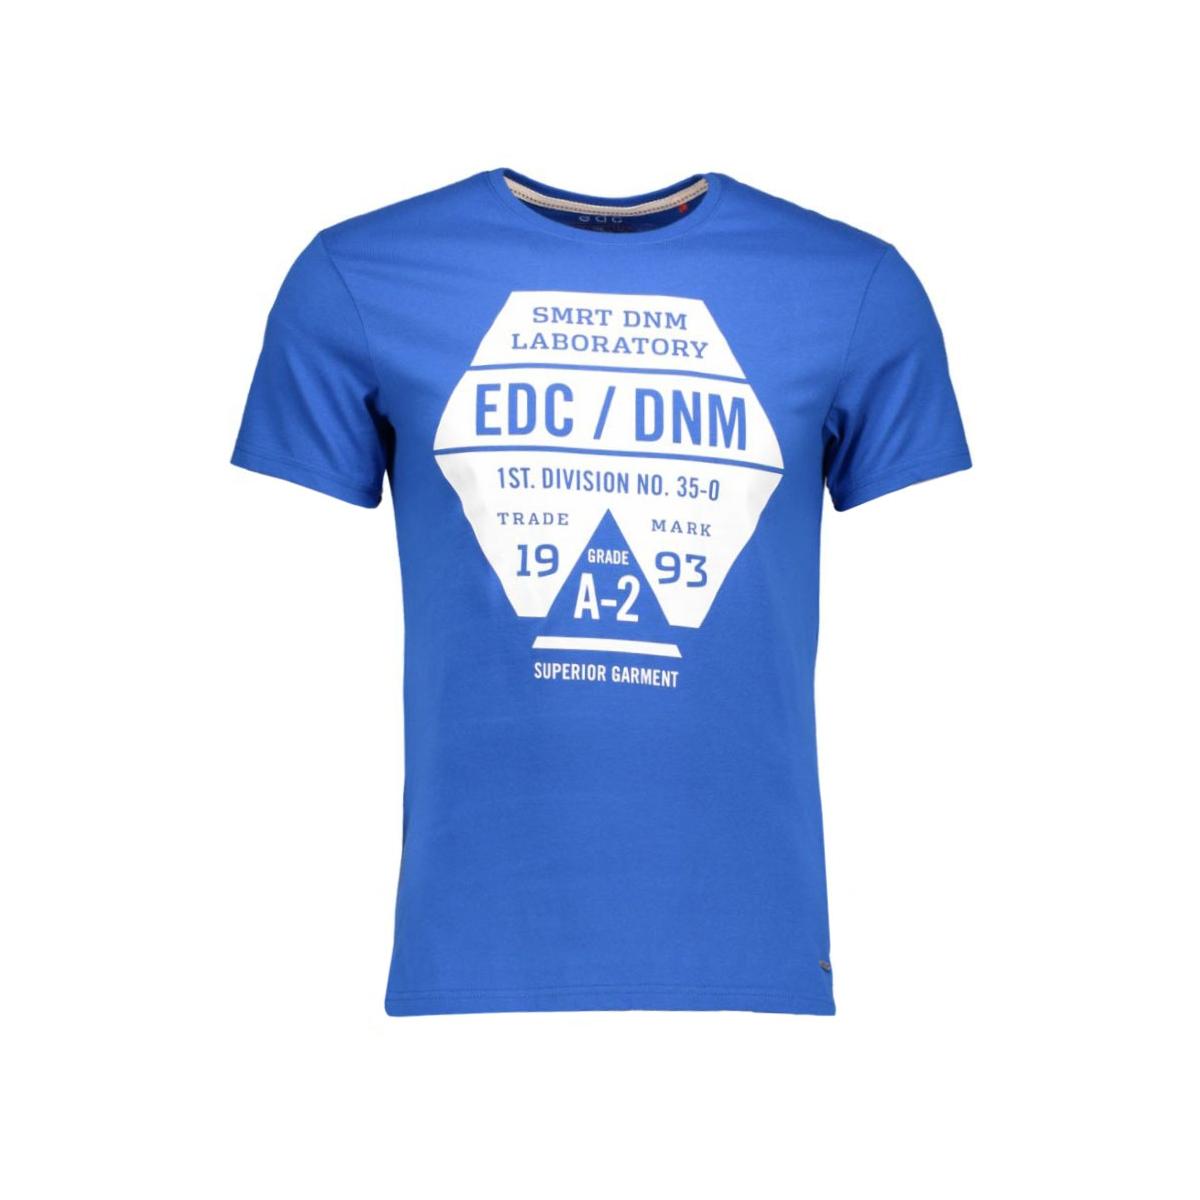 996cc2k900 edc t-shirt c410